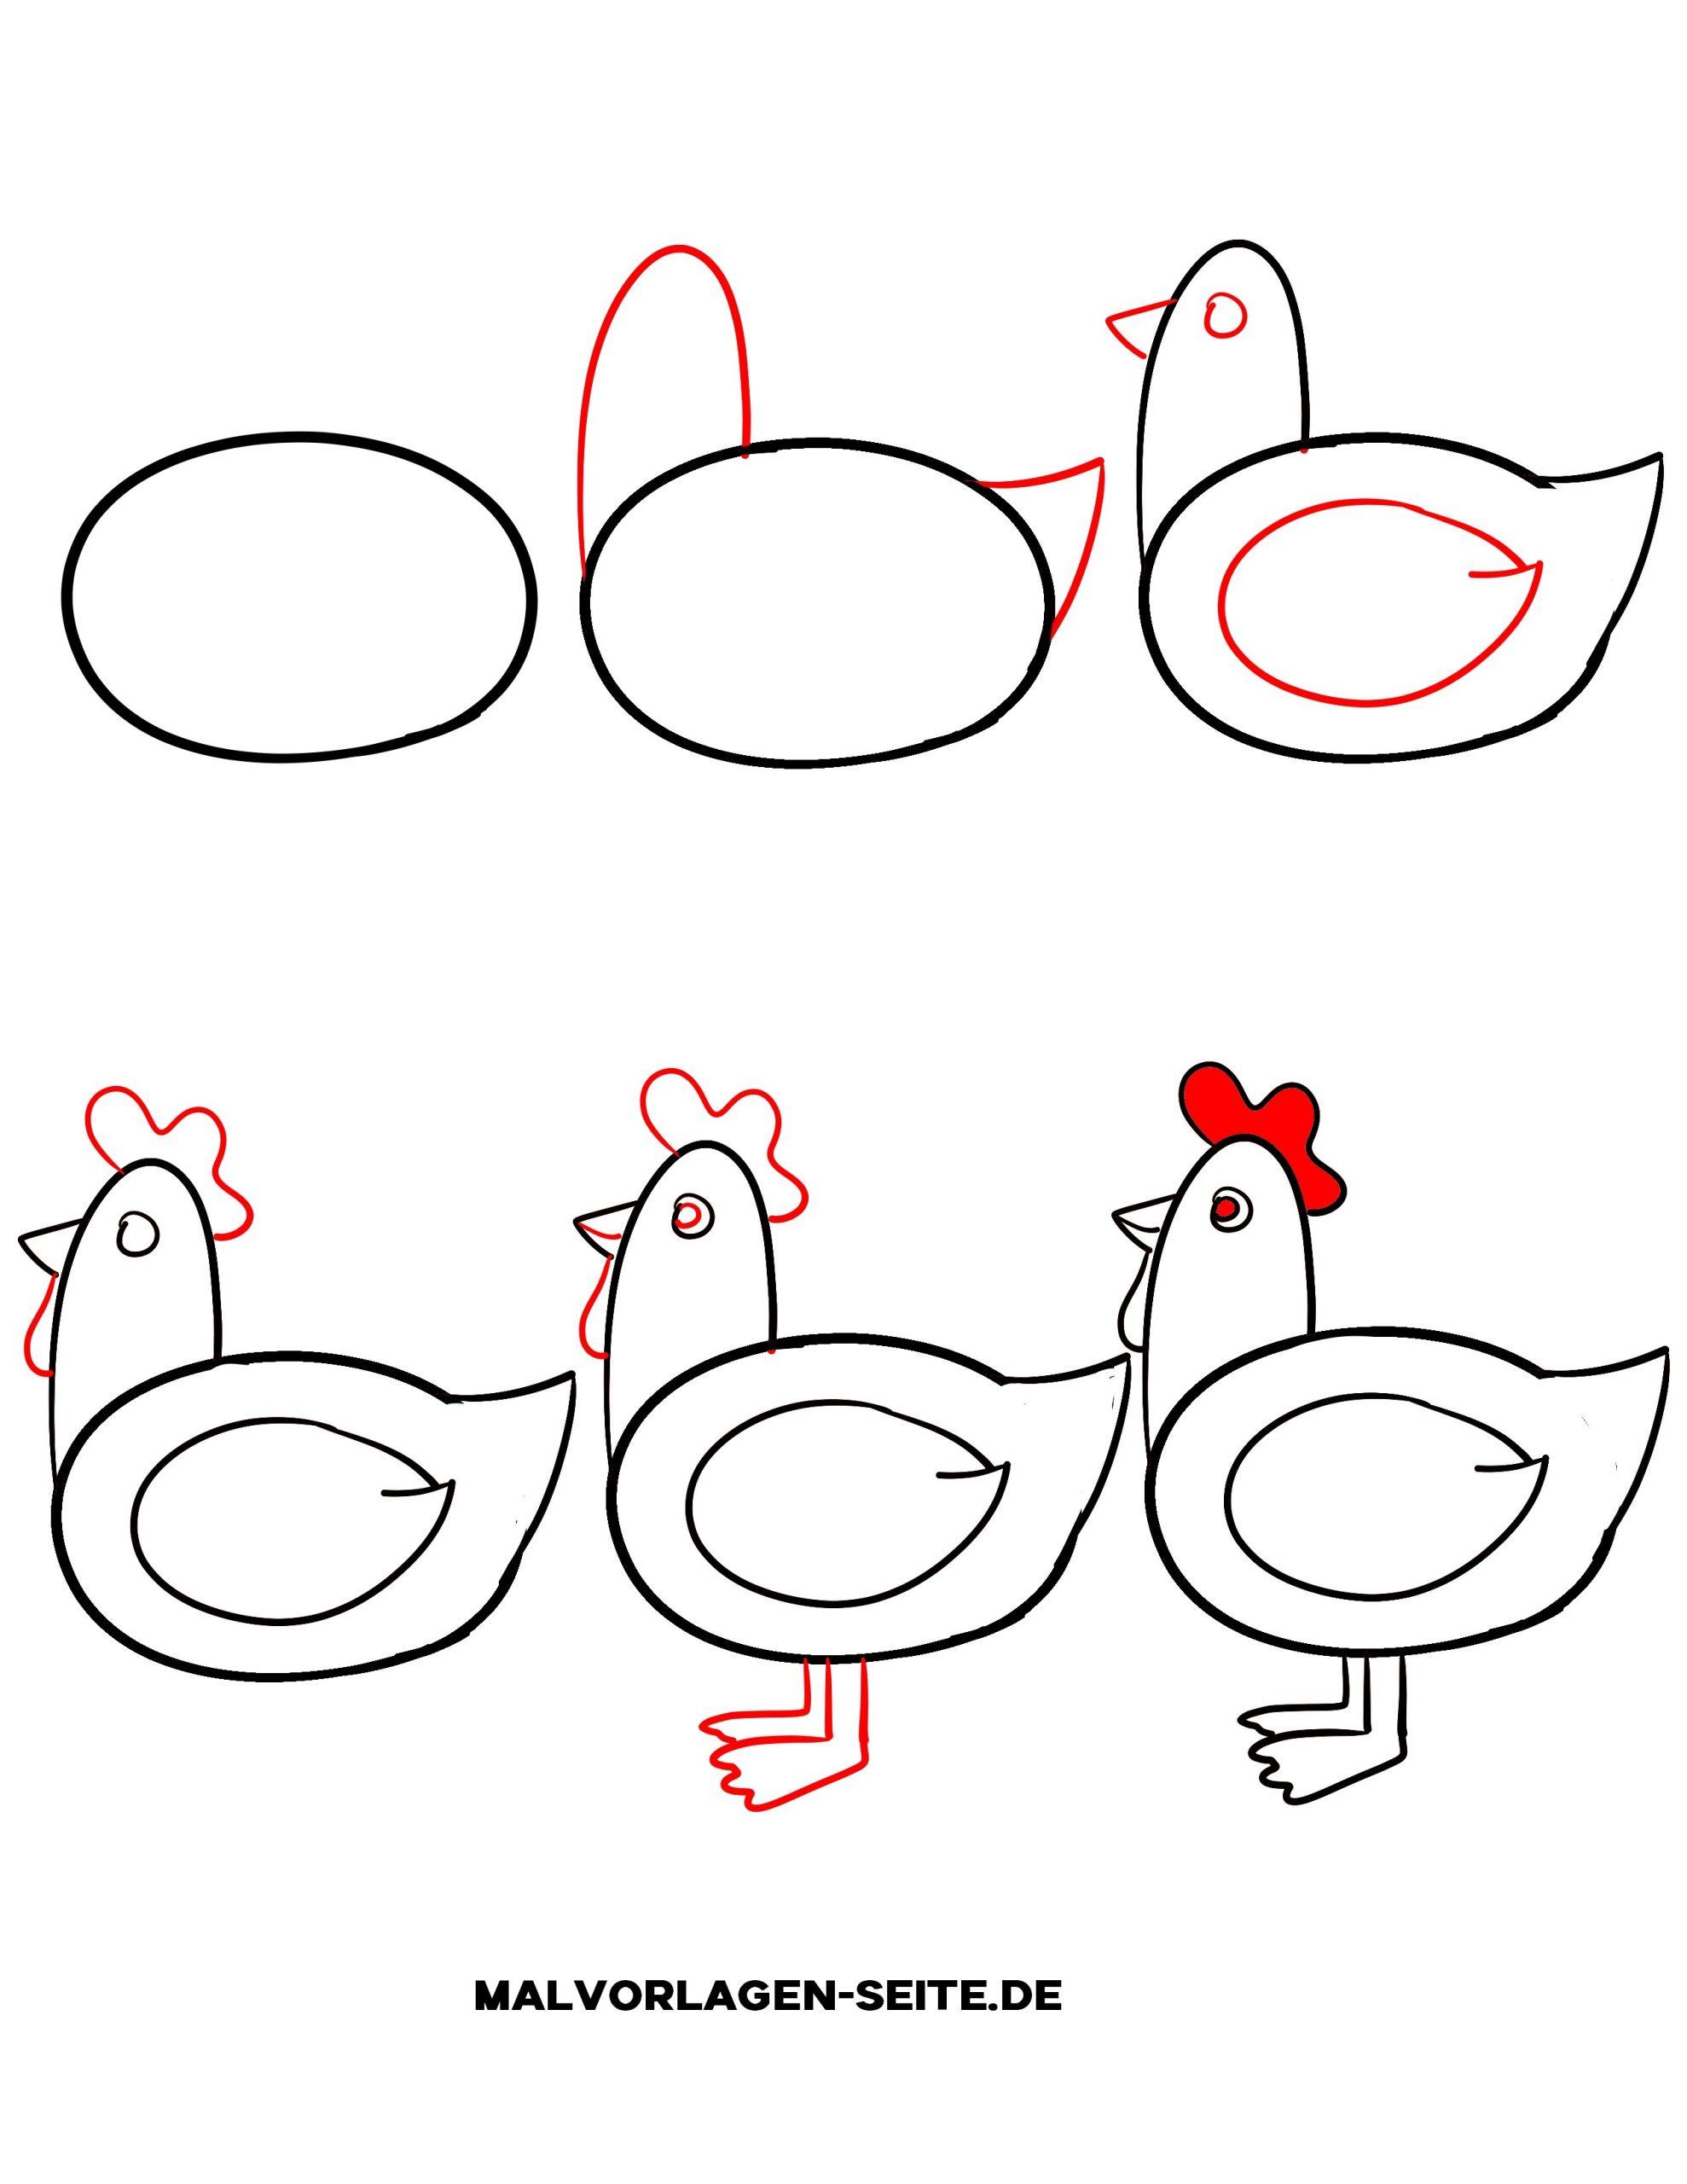 Wie Zeichnet Man Ein Huhn - Ausmalbilder Kostenlos Herunterladen über Zeichnen Bilder Vorlagen